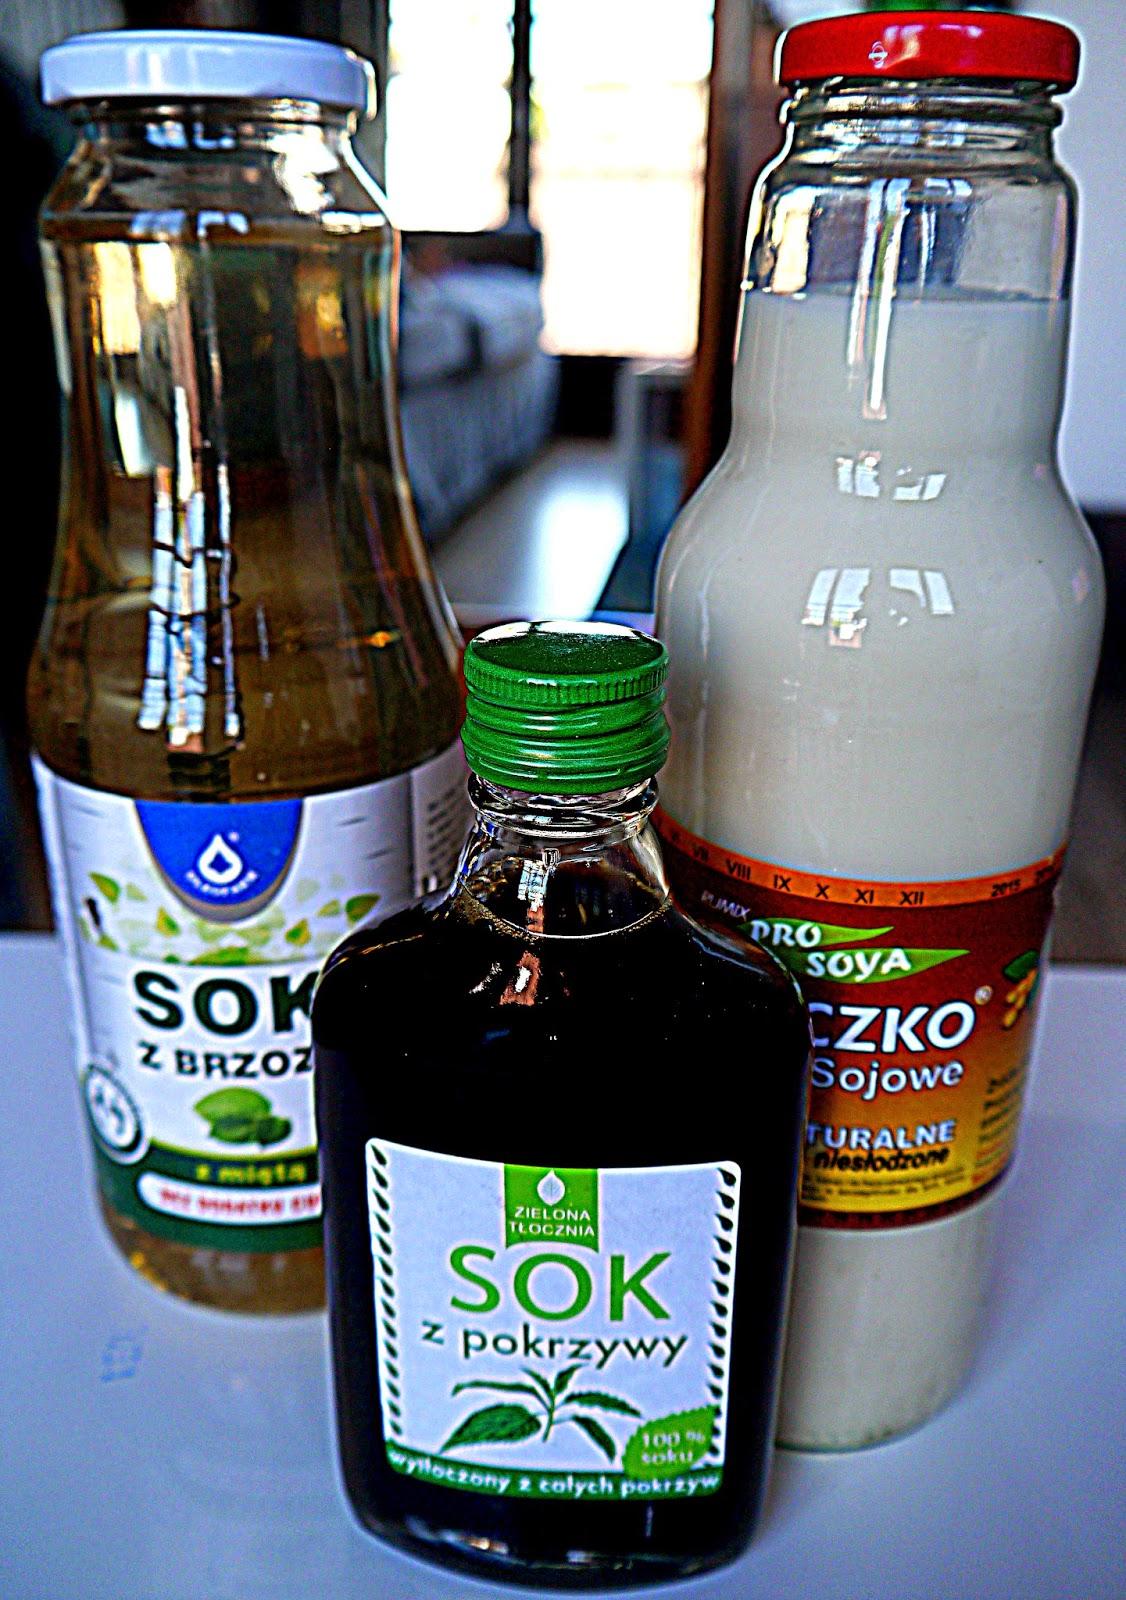 Sok z brzozy z miętą, mleko sojowe, sok z pokrzywy